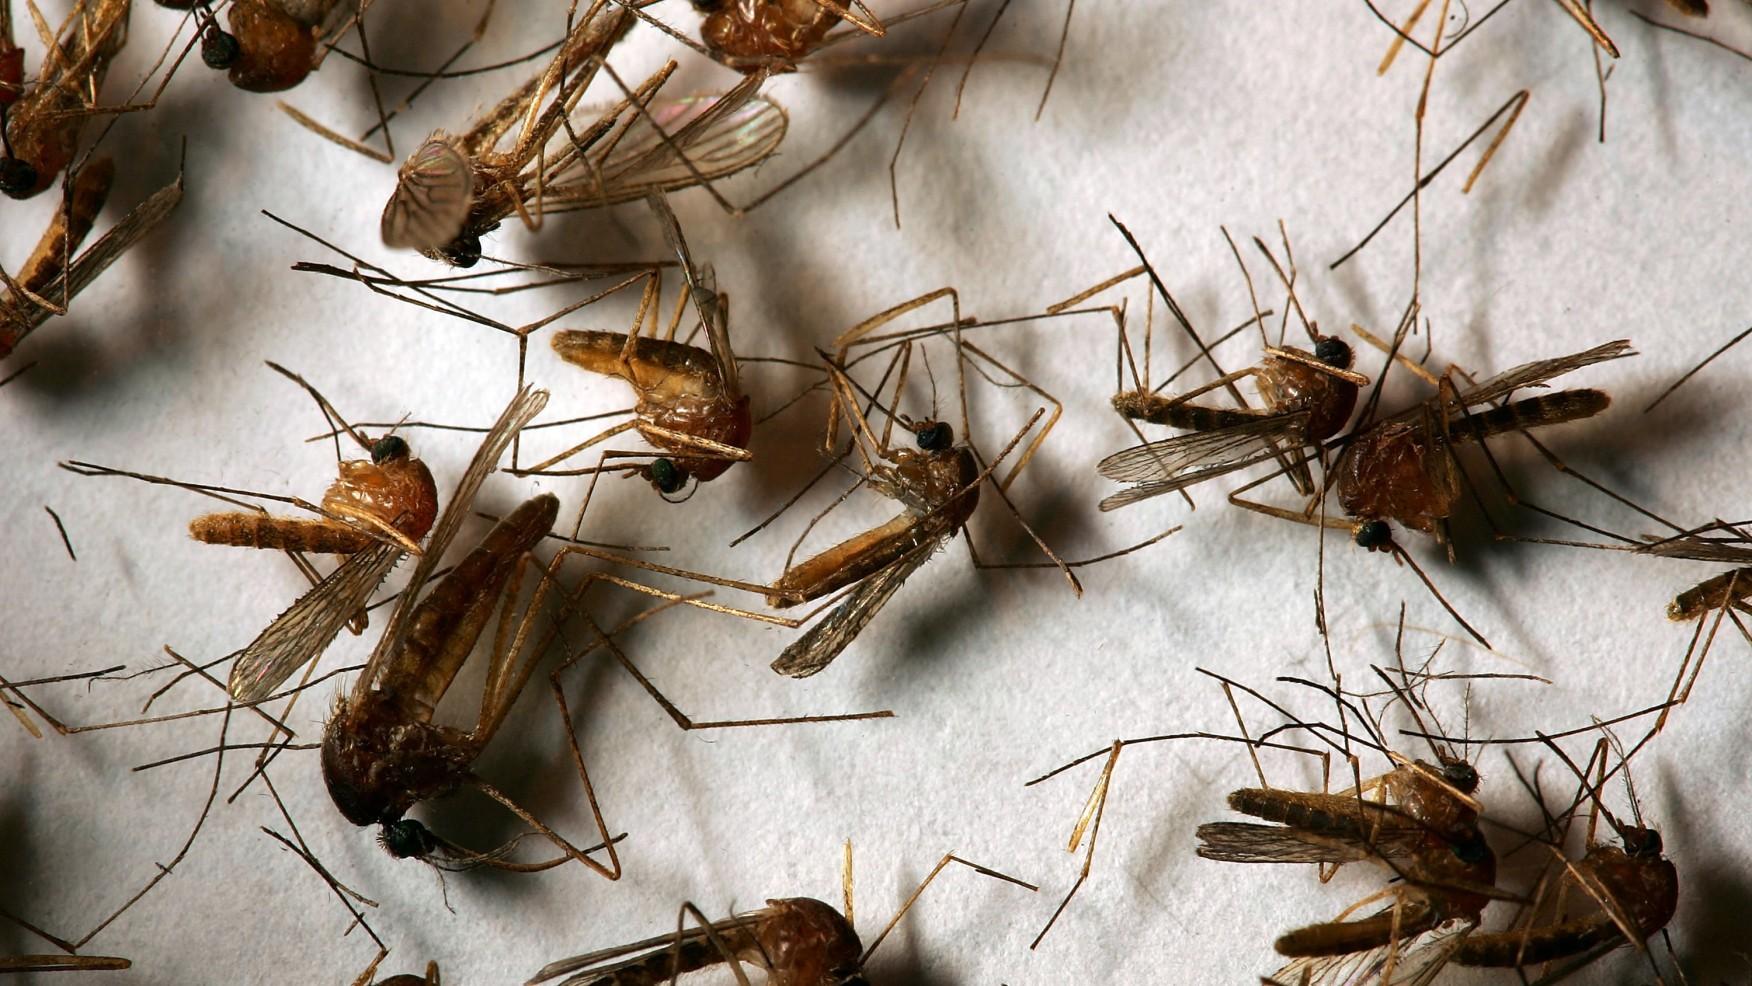 洛杉矶县确认了 2021 年第一例西尼罗河病毒死亡病例